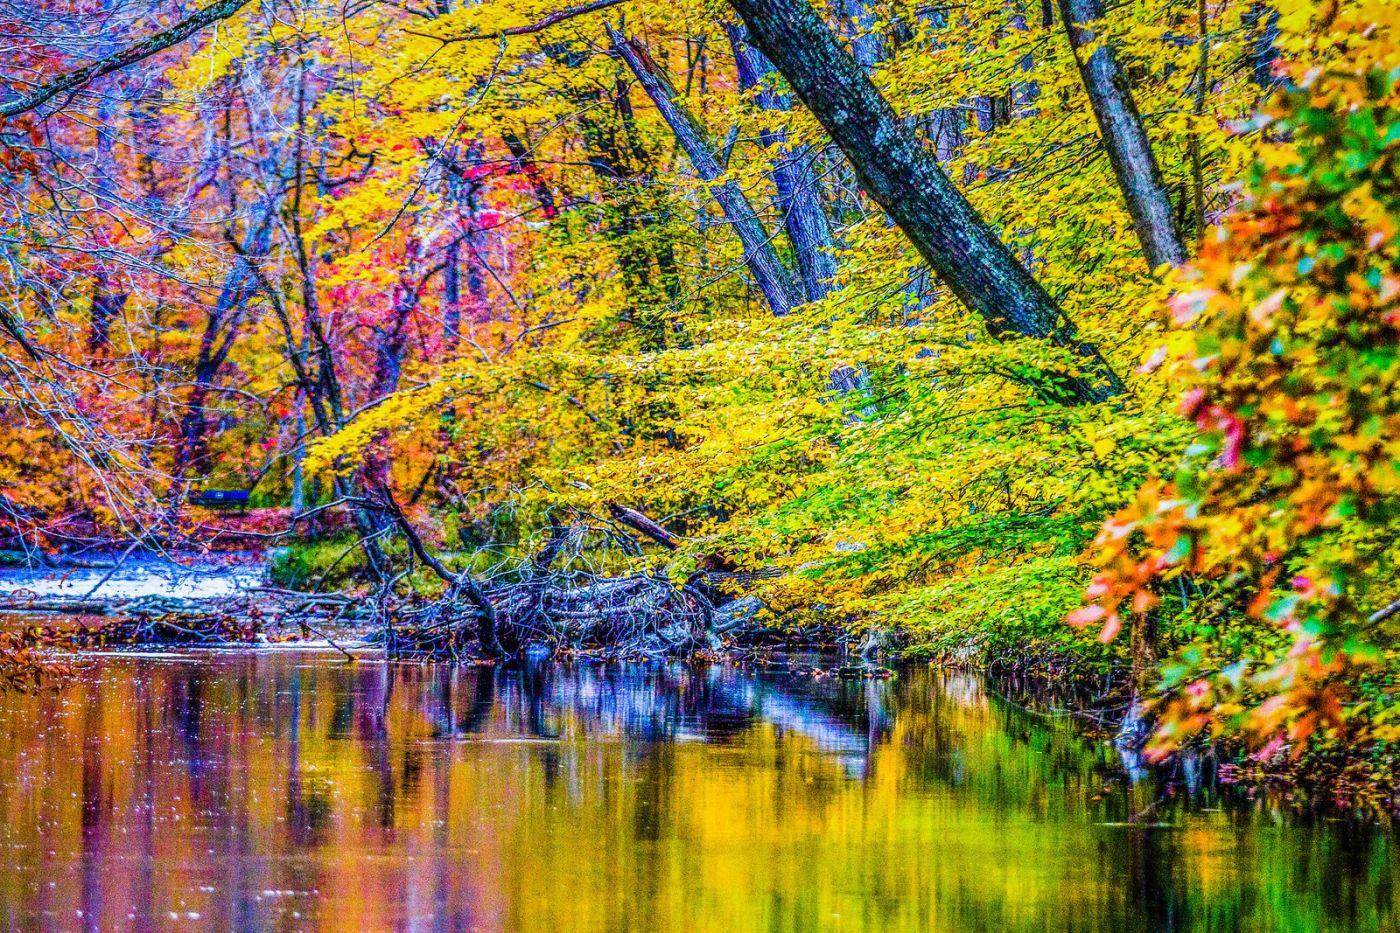 宾州雷德利克里克公园(Ridley creek park),如梦的画面_图1-26